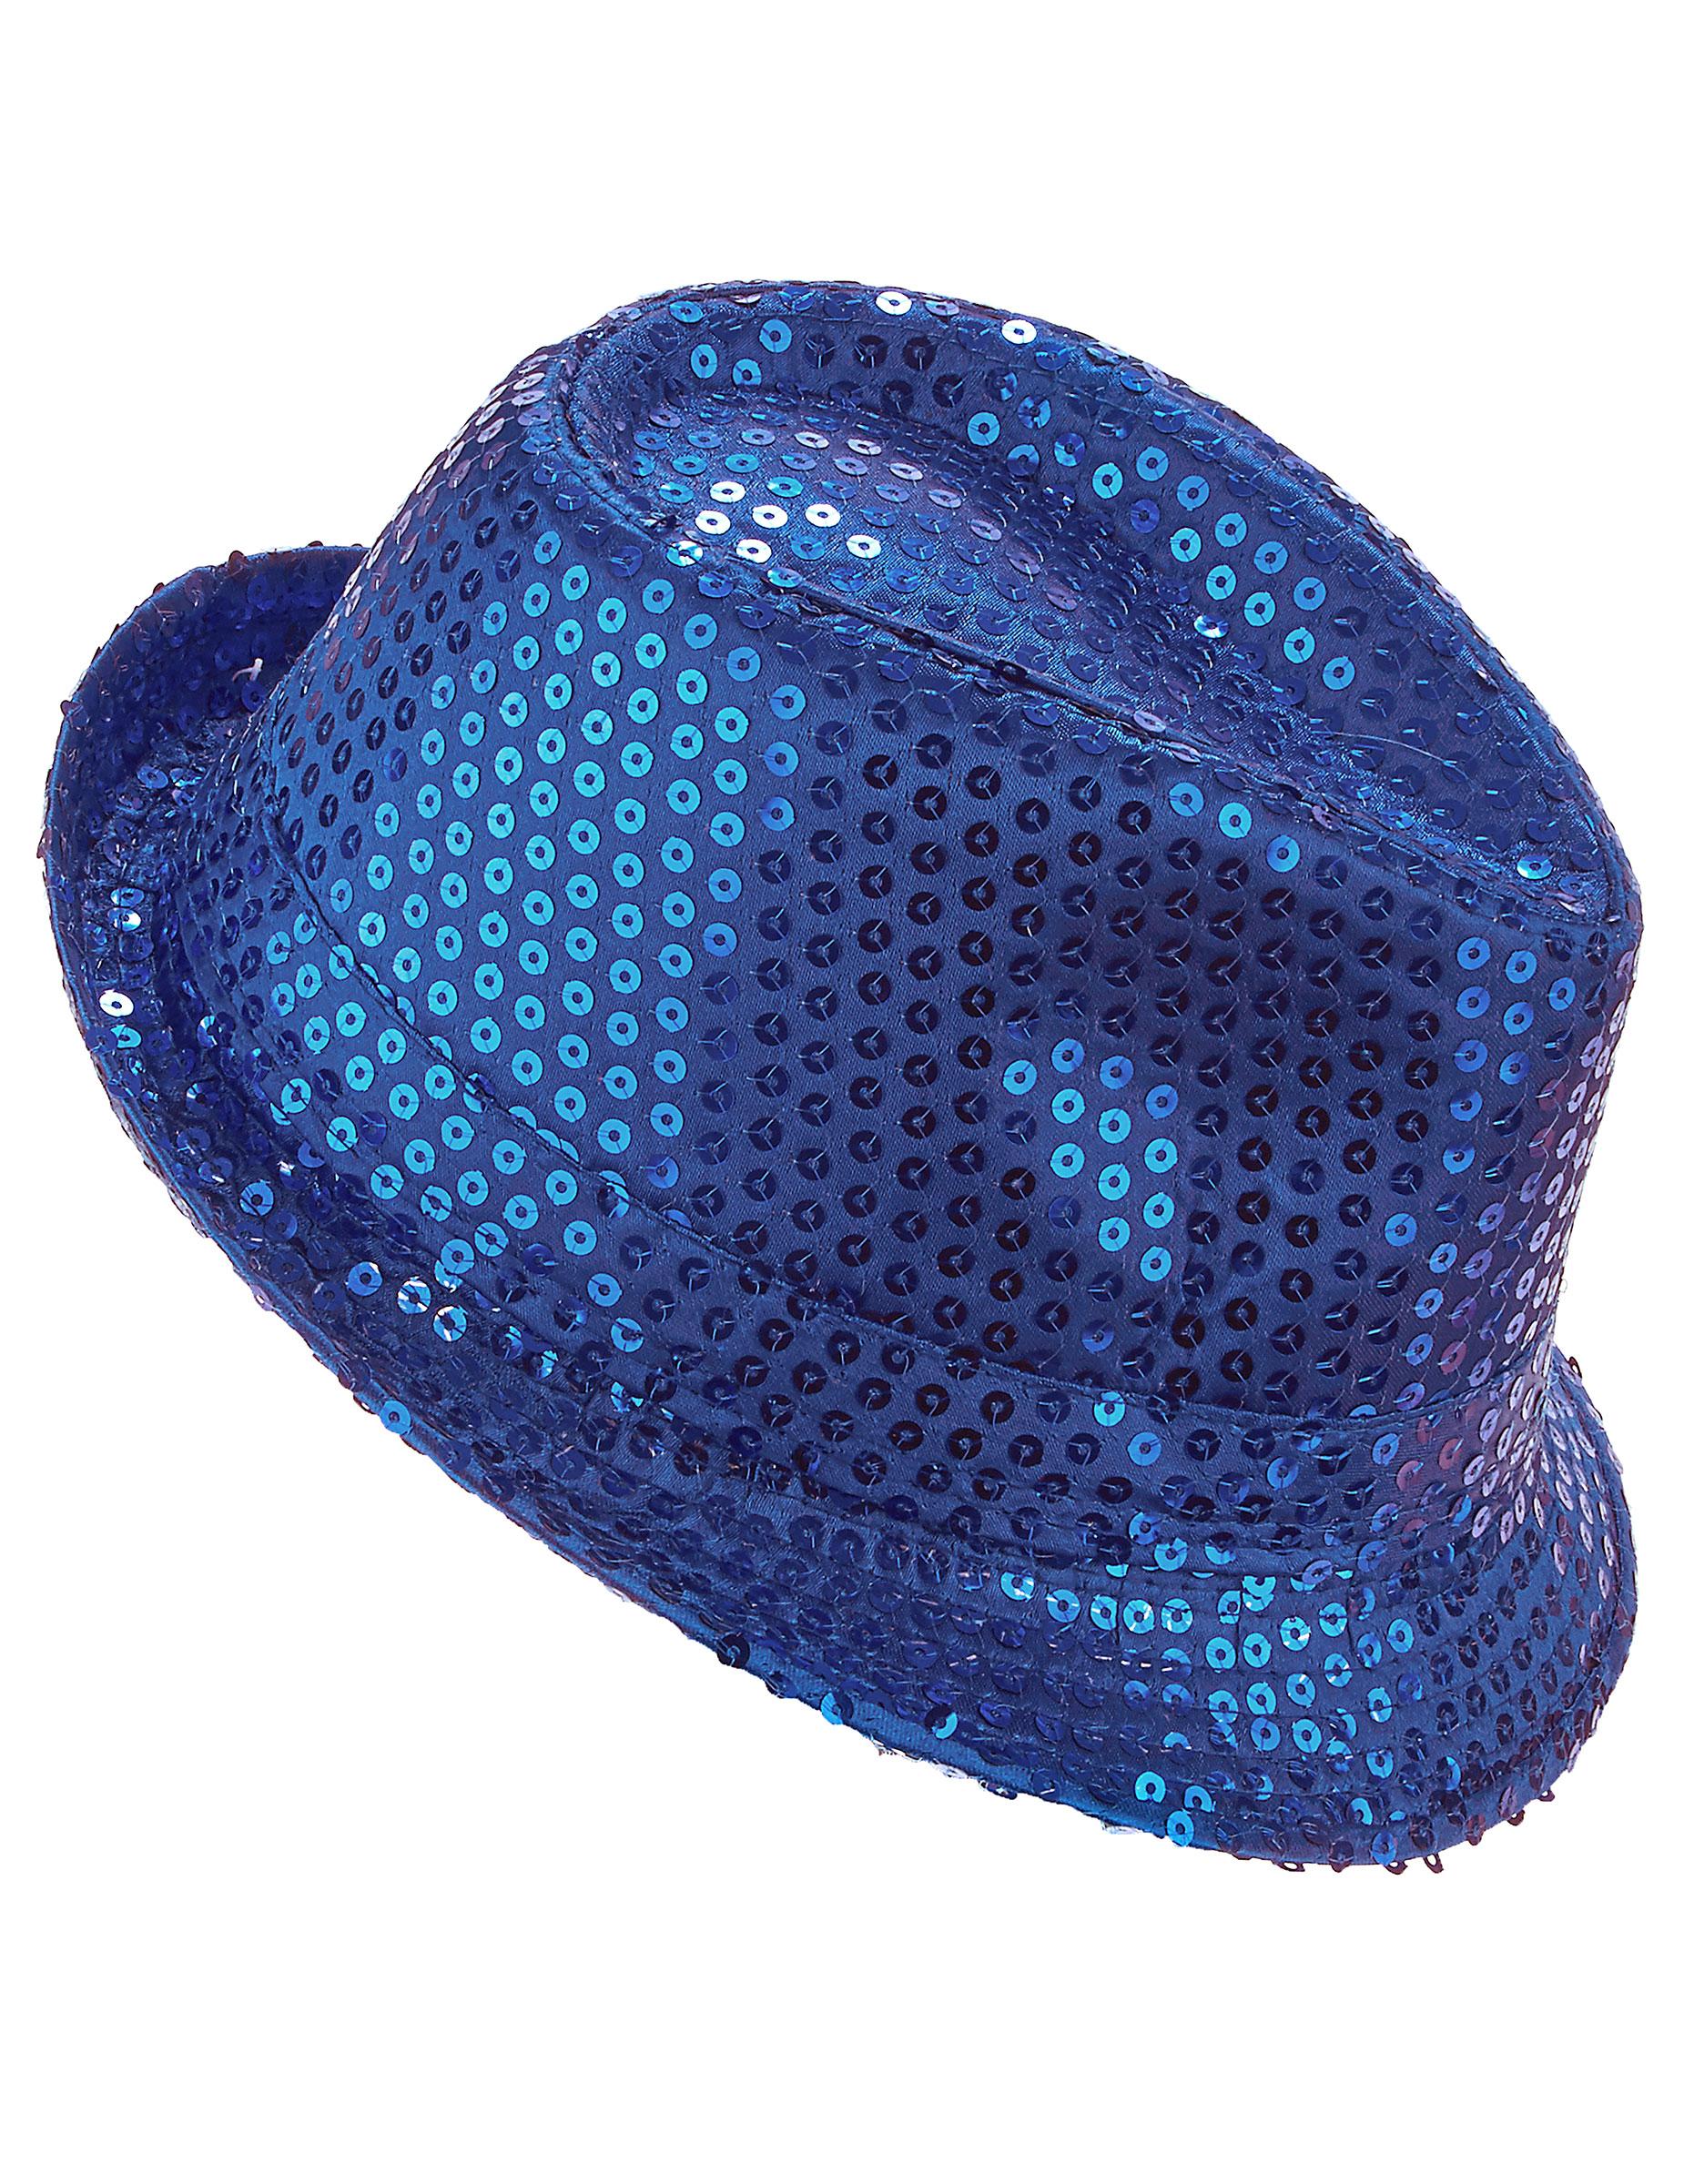 Cappello borsalino con paillettes blu per adulto 8a4bad28b560